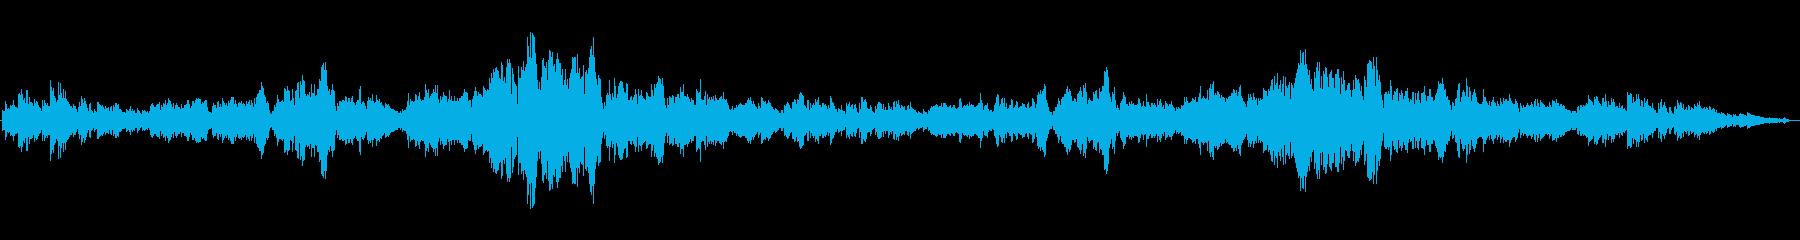 美しい流れるような旋律のクラシック声楽曲の再生済みの波形